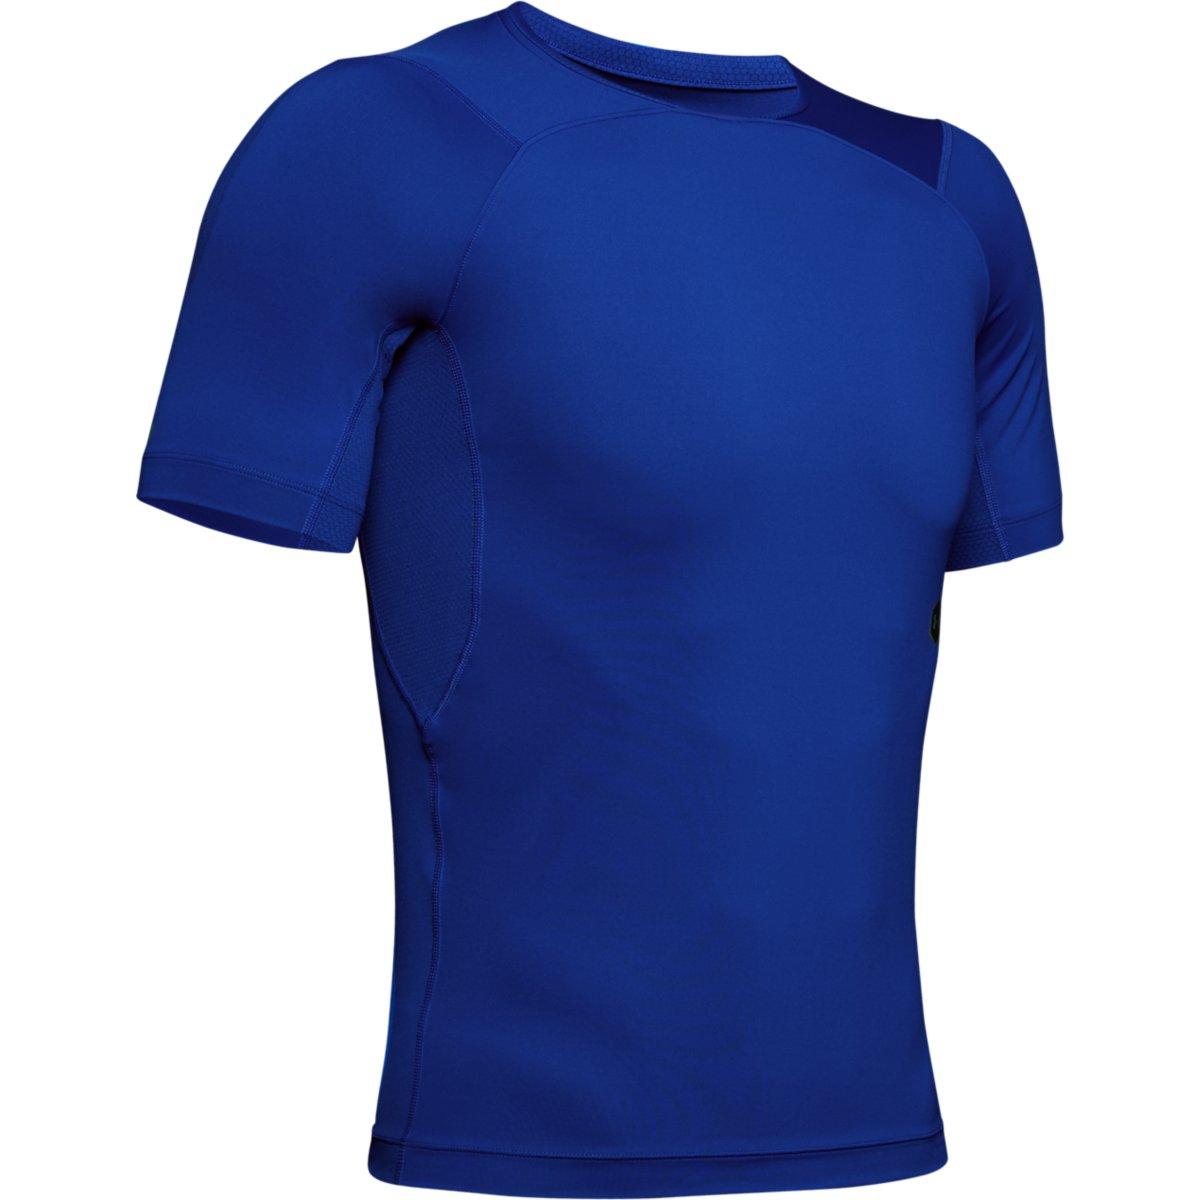 Kompresní tričko Under Armour Hg Rush Compression Ss-Blu